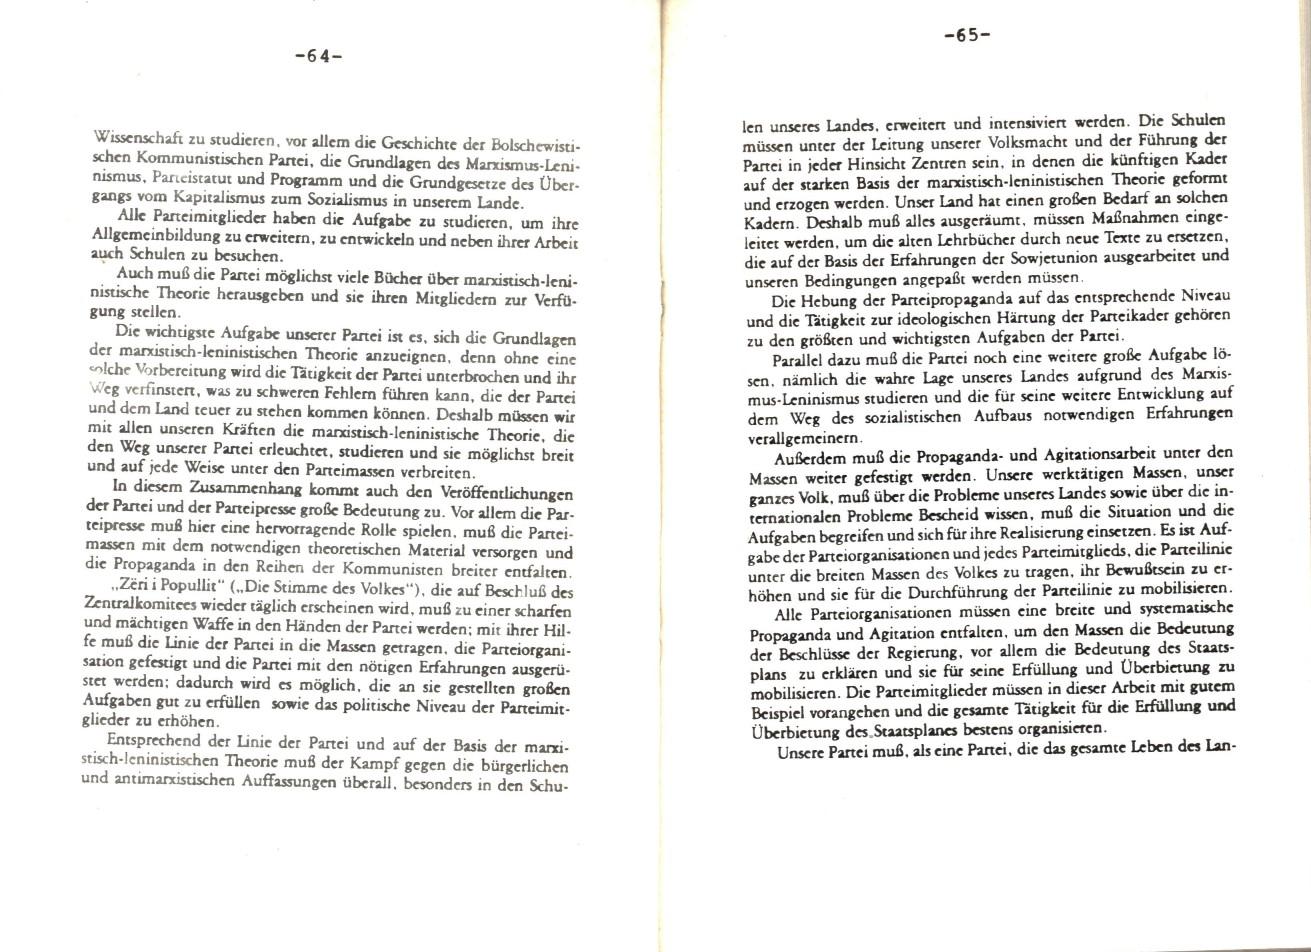 MLSK_Theorie_und_Praxis_des_ML_1979_24_34